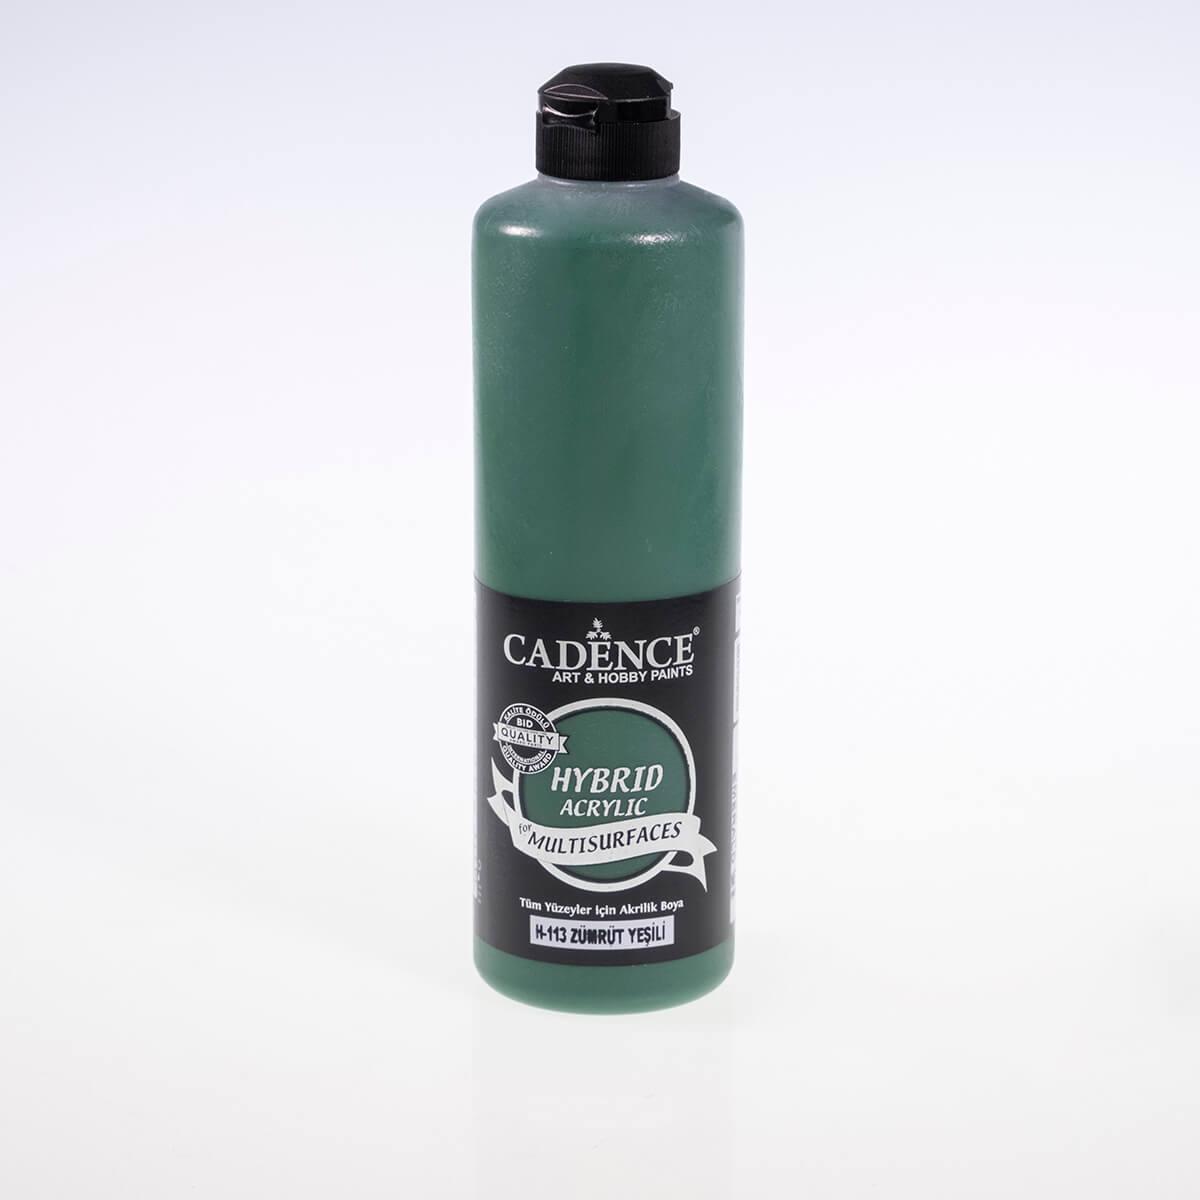 Zümrüt Yeşili Cadence Multisurface Akrilik Boya H113 - 500 ML